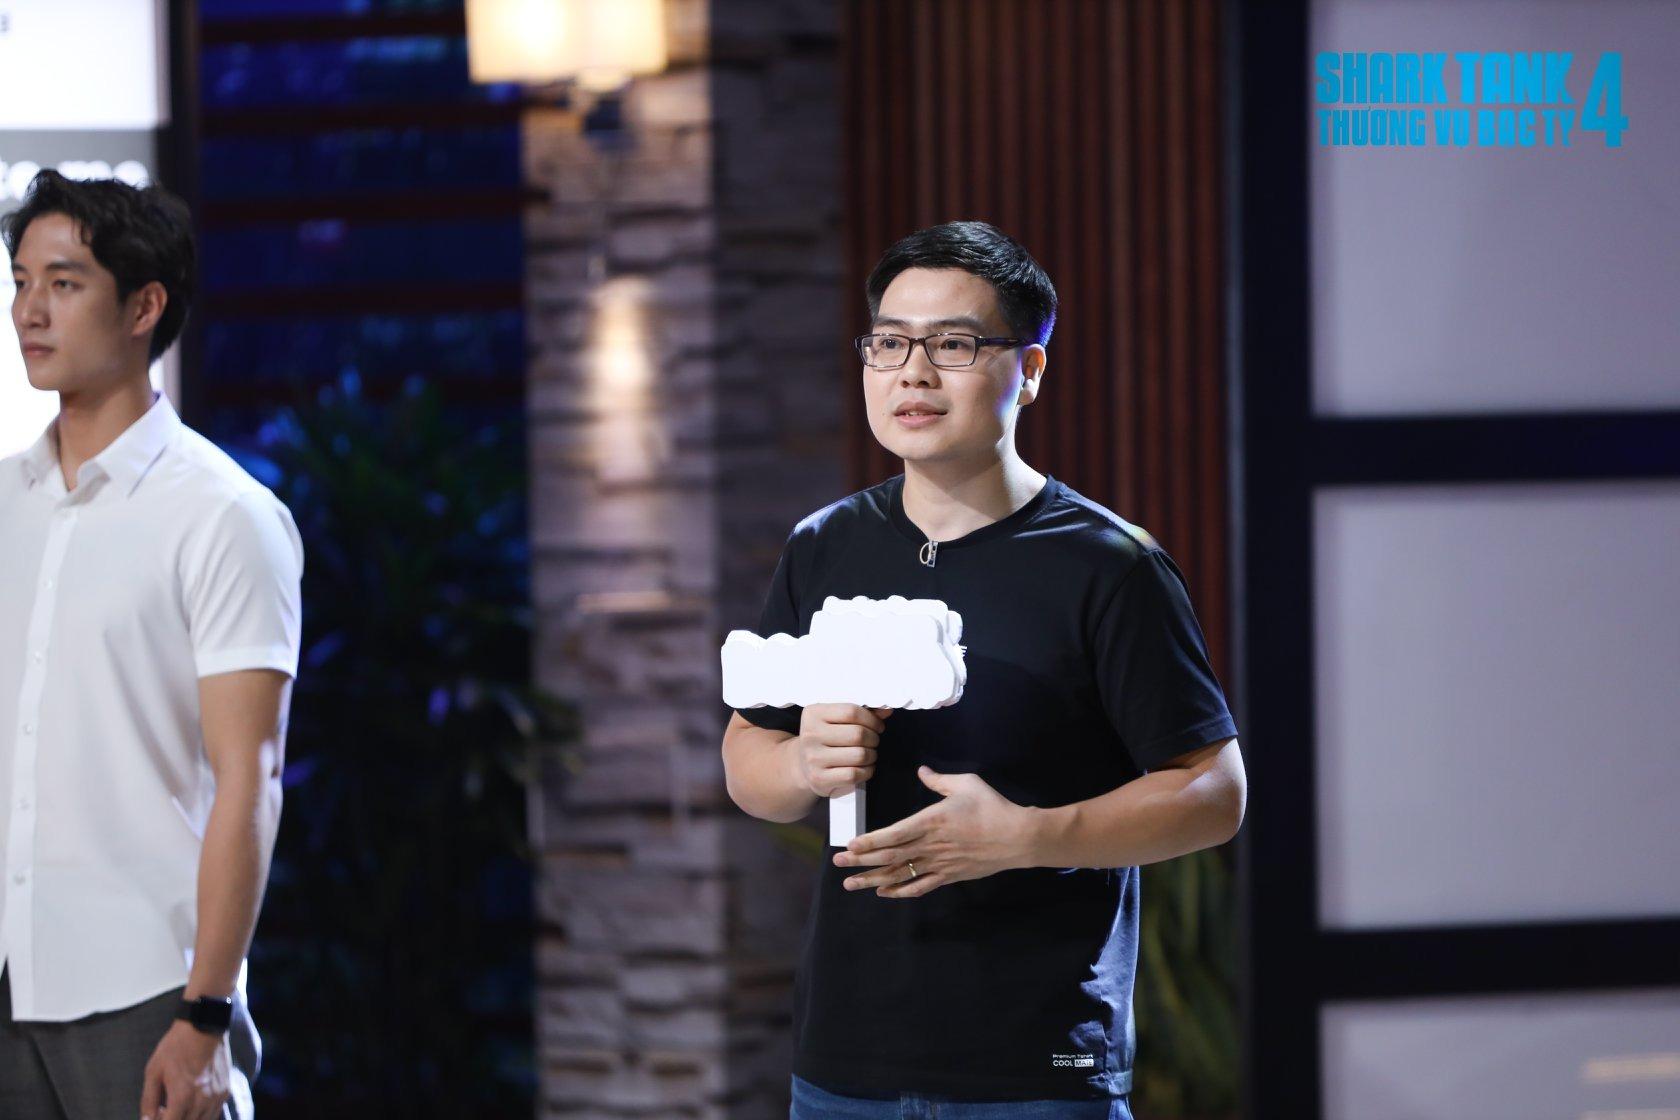 Founder startup được Shark Bình xuống tiền đặt cọc ngay trên sóng, cam kết cùng nhau thành 'trăm triệu phú' là ai? - Ảnh 1.